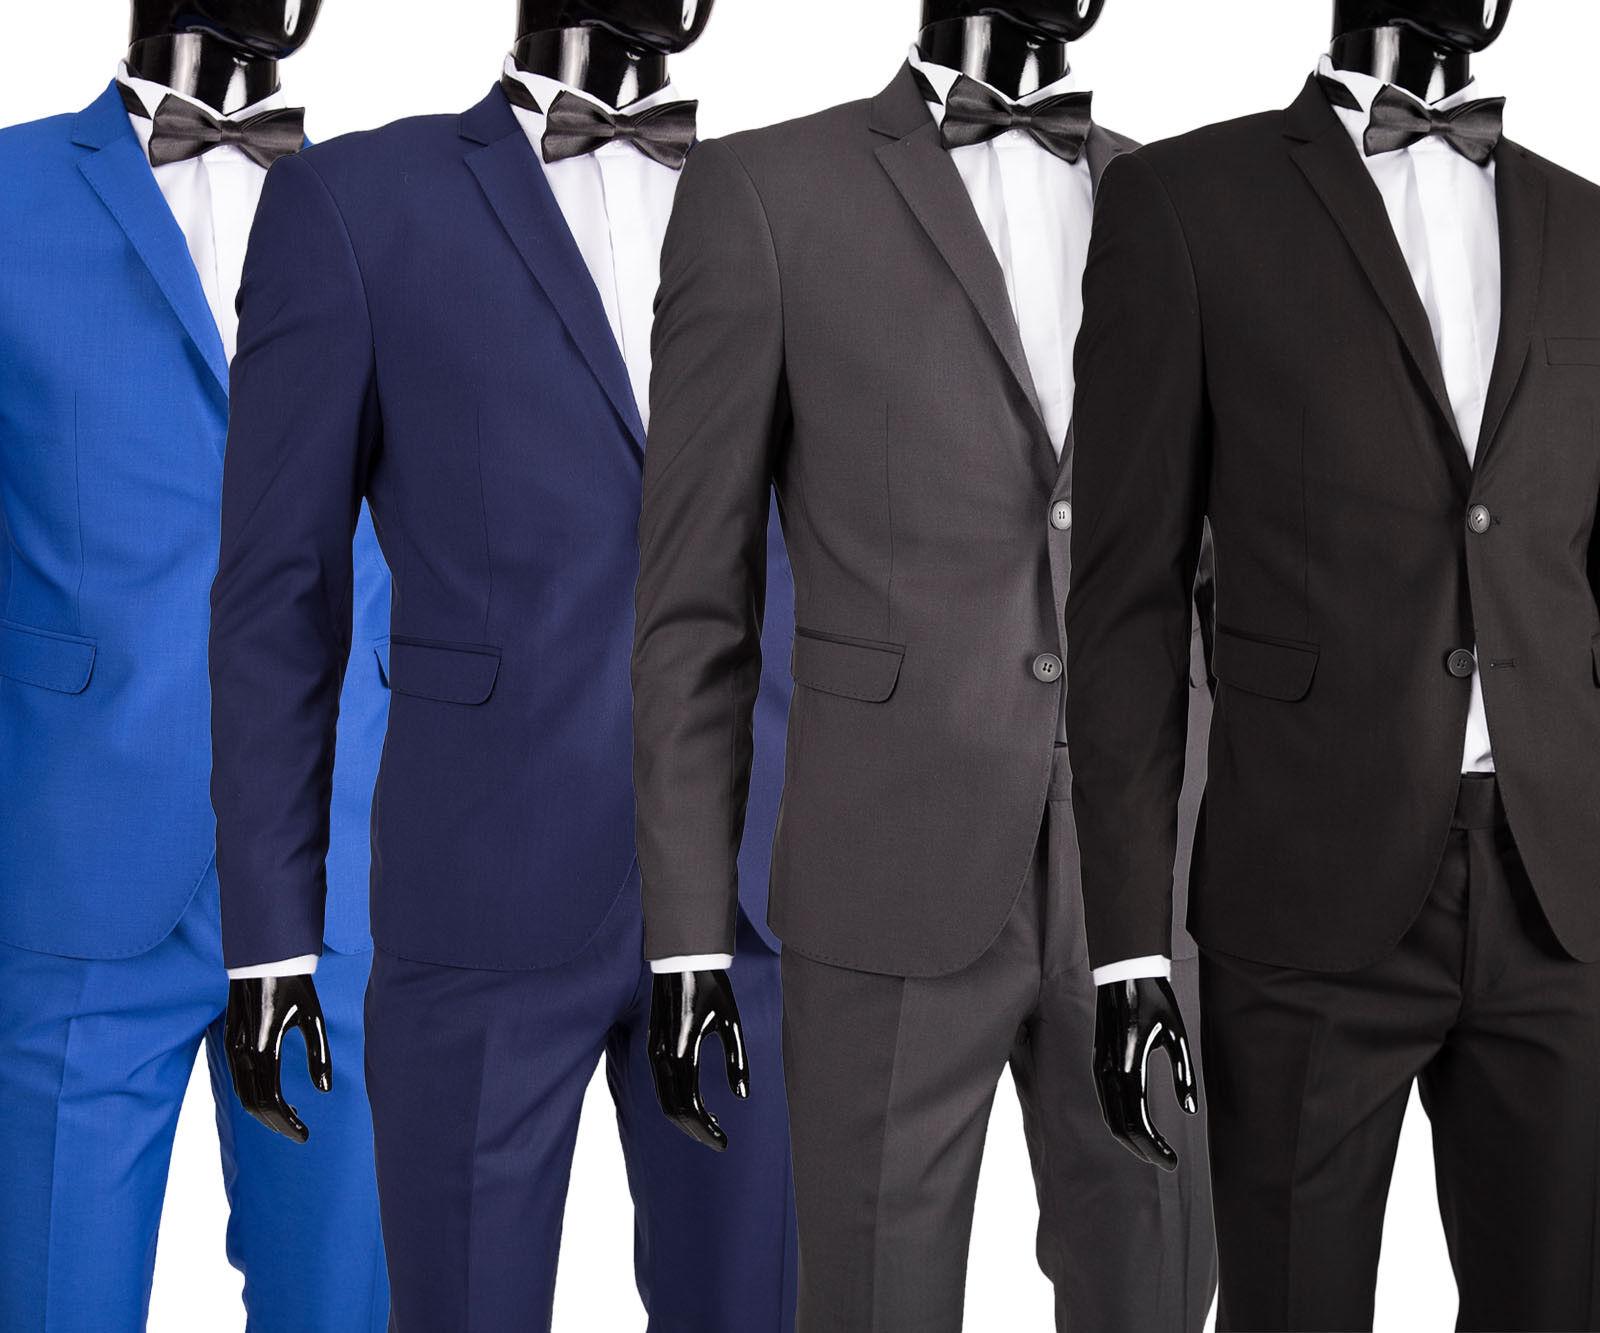 Herrenanzug in Blau • Dunkelblau • Grau • Schwarz -Smoking-Anzug-Hochzeit-Bühne